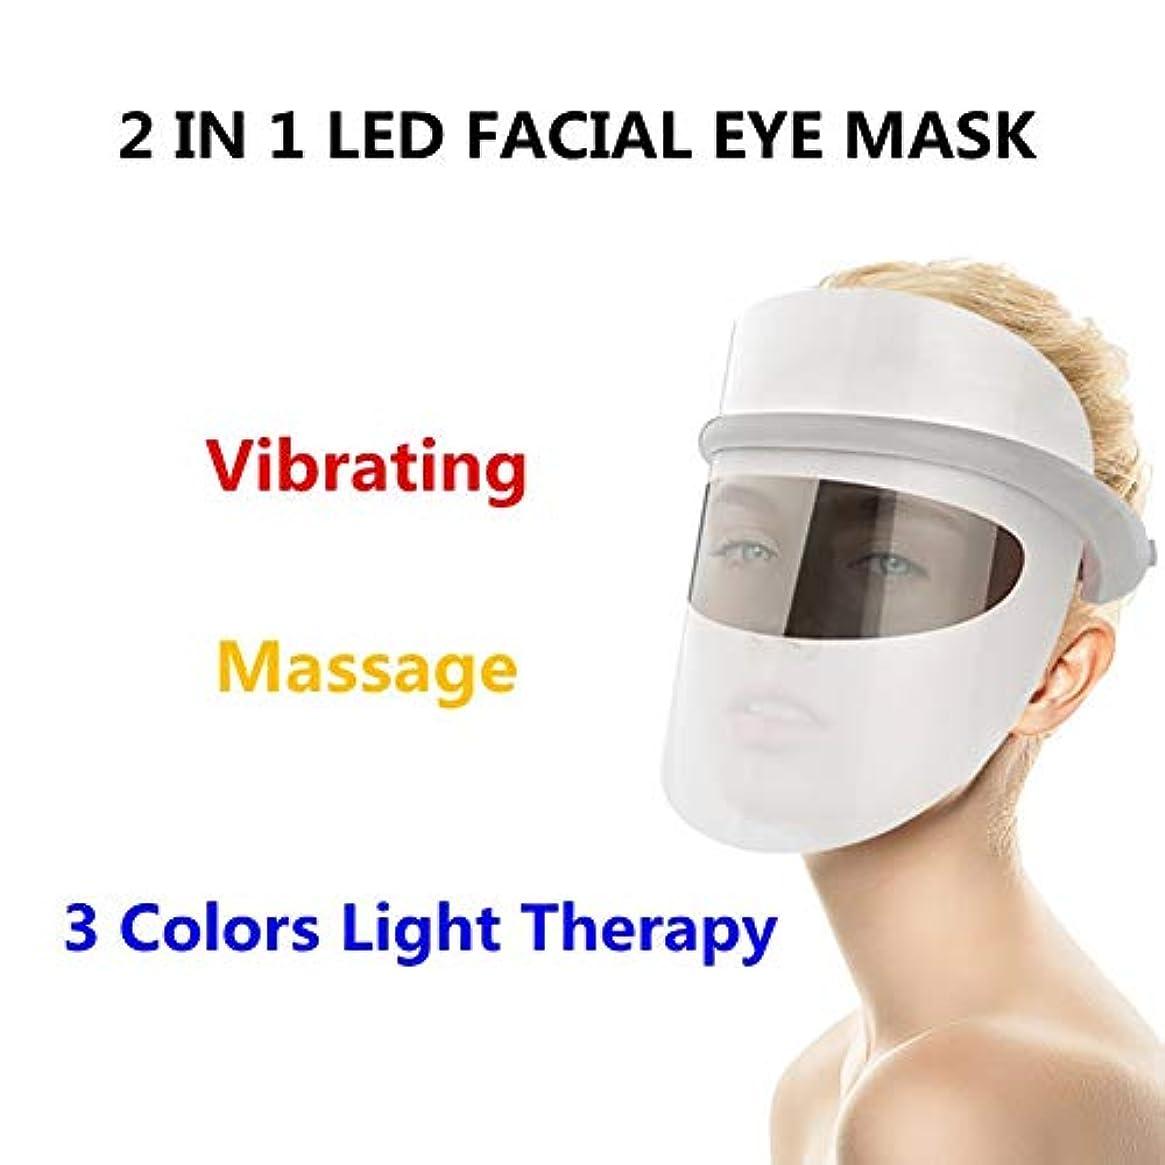 ステレオタイプさせる買い手LEDフォトンビューティーマスク、家庭用Ledビューティーマスク、ホットコンプレックス振動マッサージアイマスク3色、コラーゲン、アンチエイジング、しわ、瘢痕